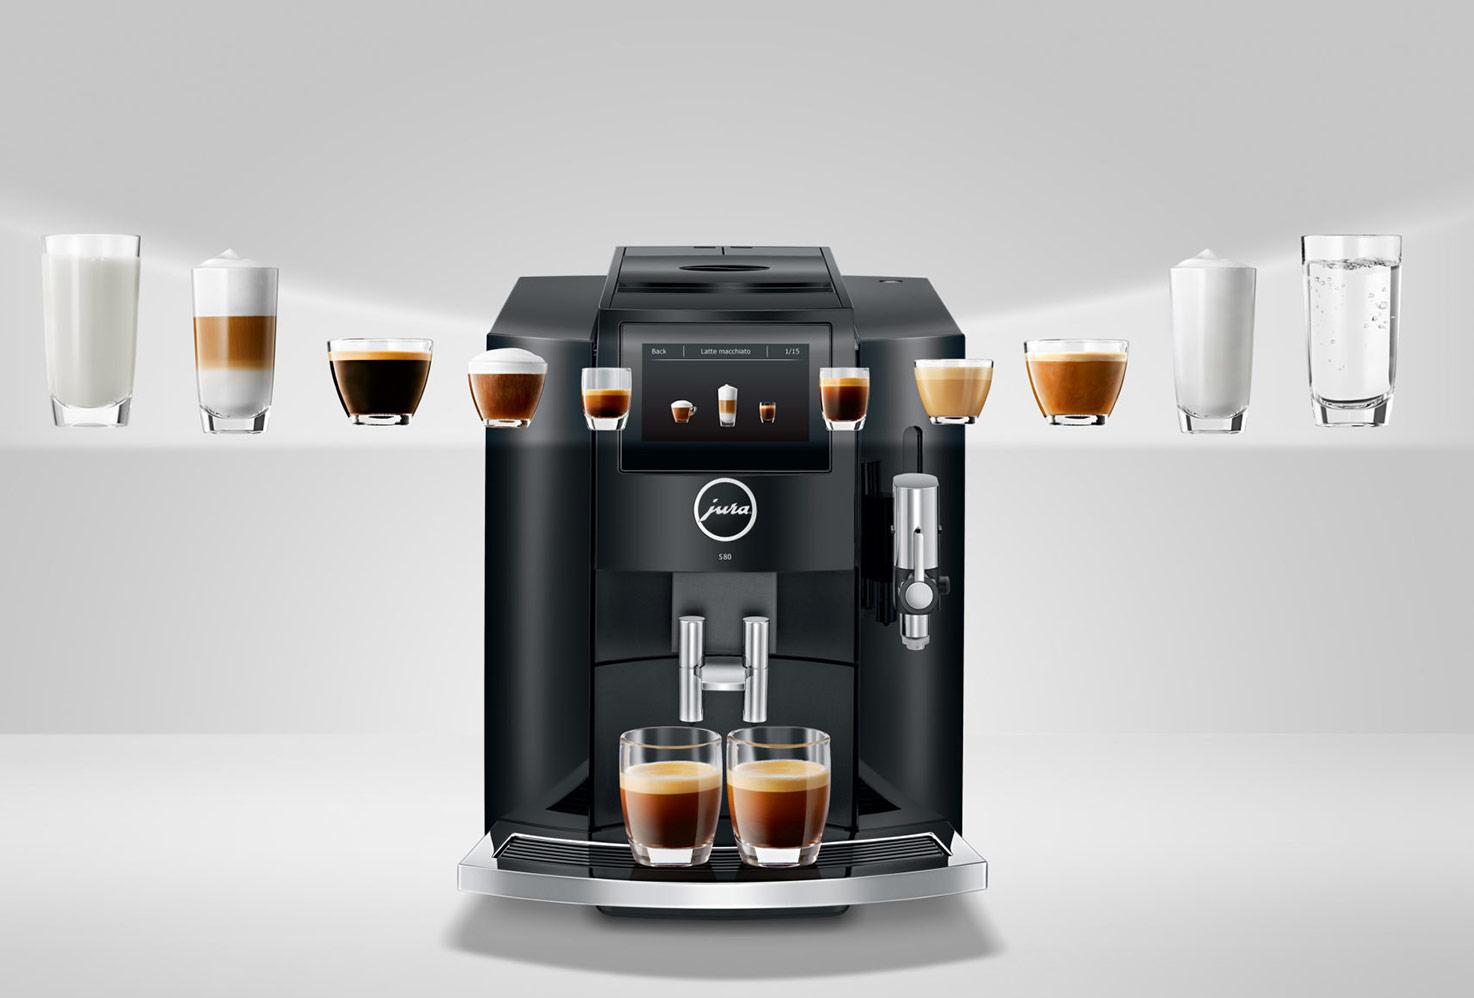 Wybierz swój specjał kawowy w ekspresie Jura